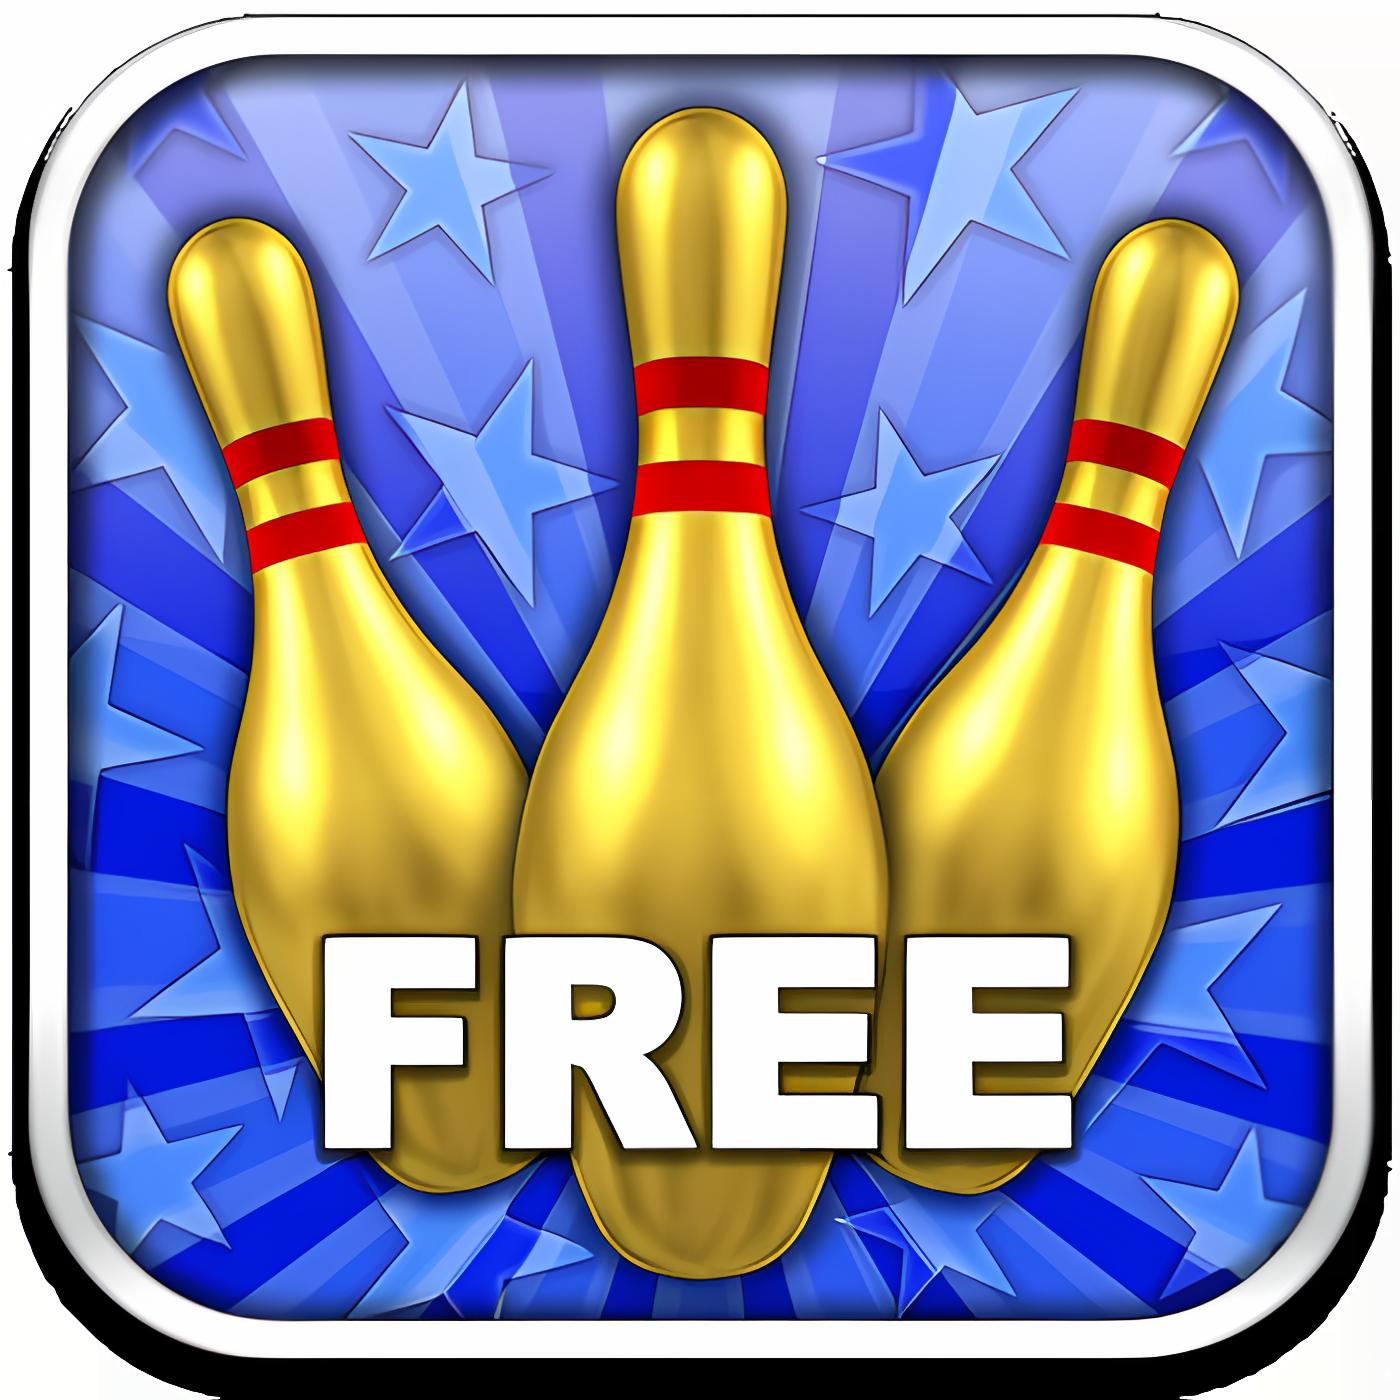 Gutterball - Golden Pin Bowling FREE 1.1.9